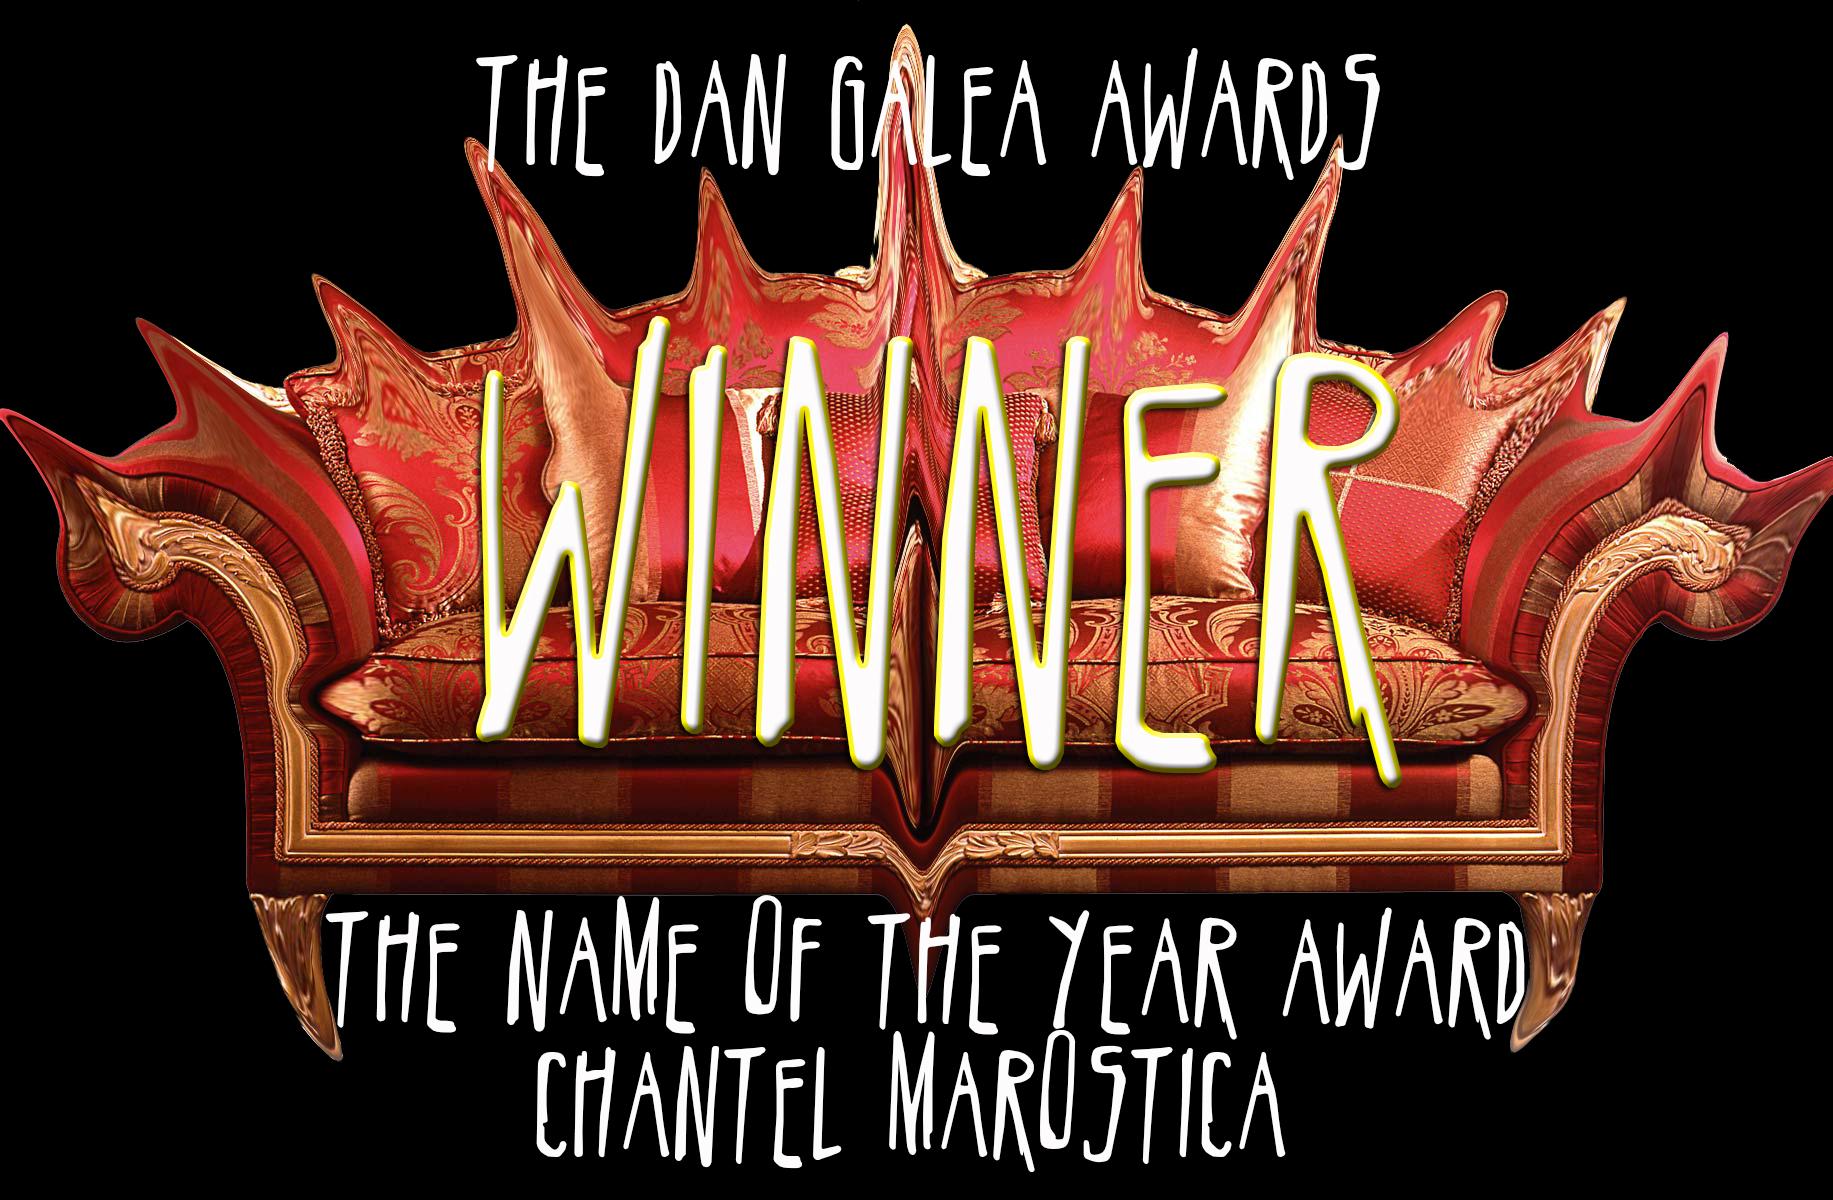 DGawards Chantel Marostica.jpg